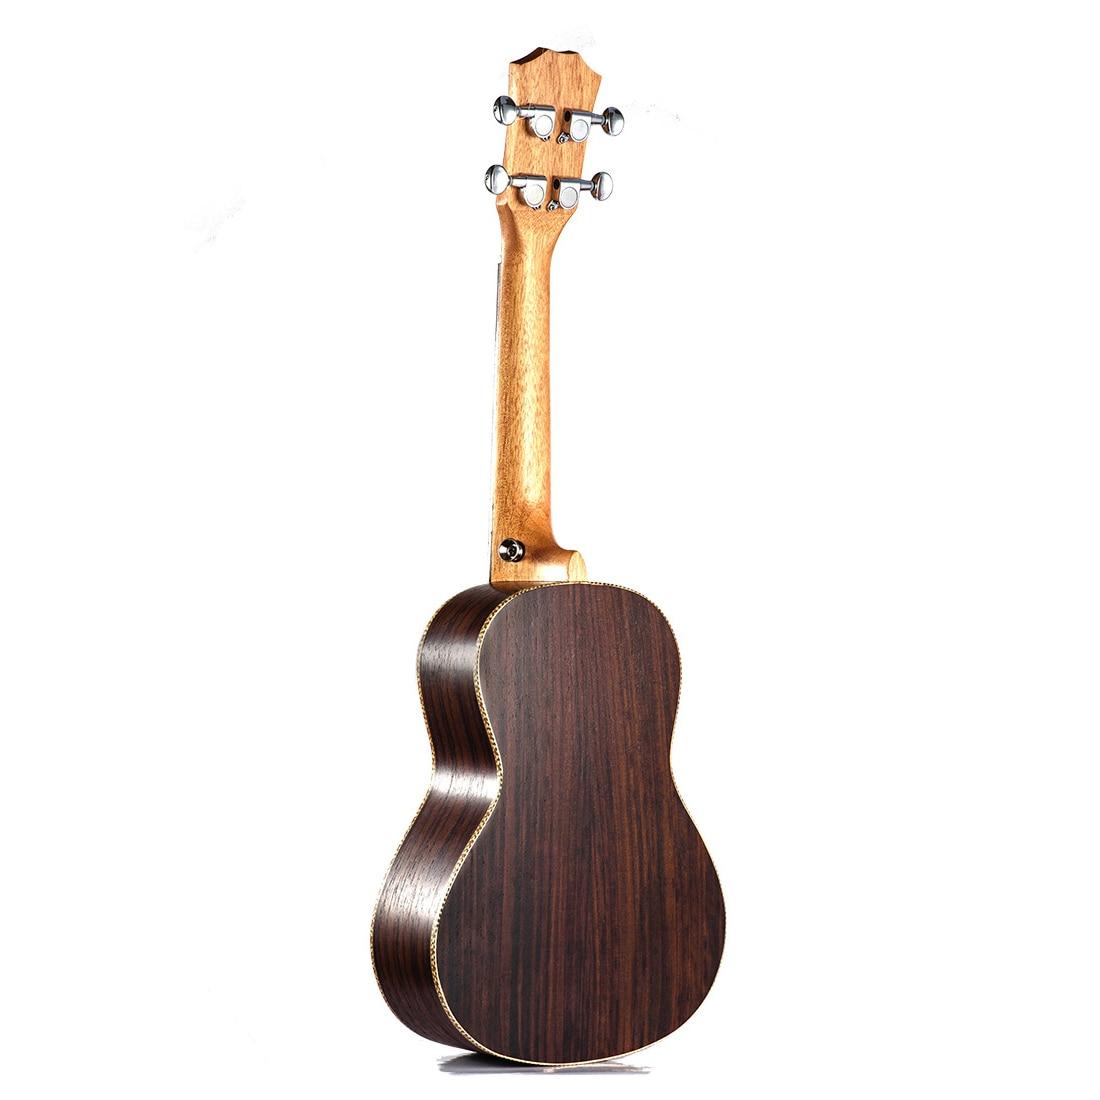 Ukulélé de Concert HOT-Soprano 23 pouces en bois de rose uku Ukelele avec 4 cordes mini Hawaii guitare Instruments de musique